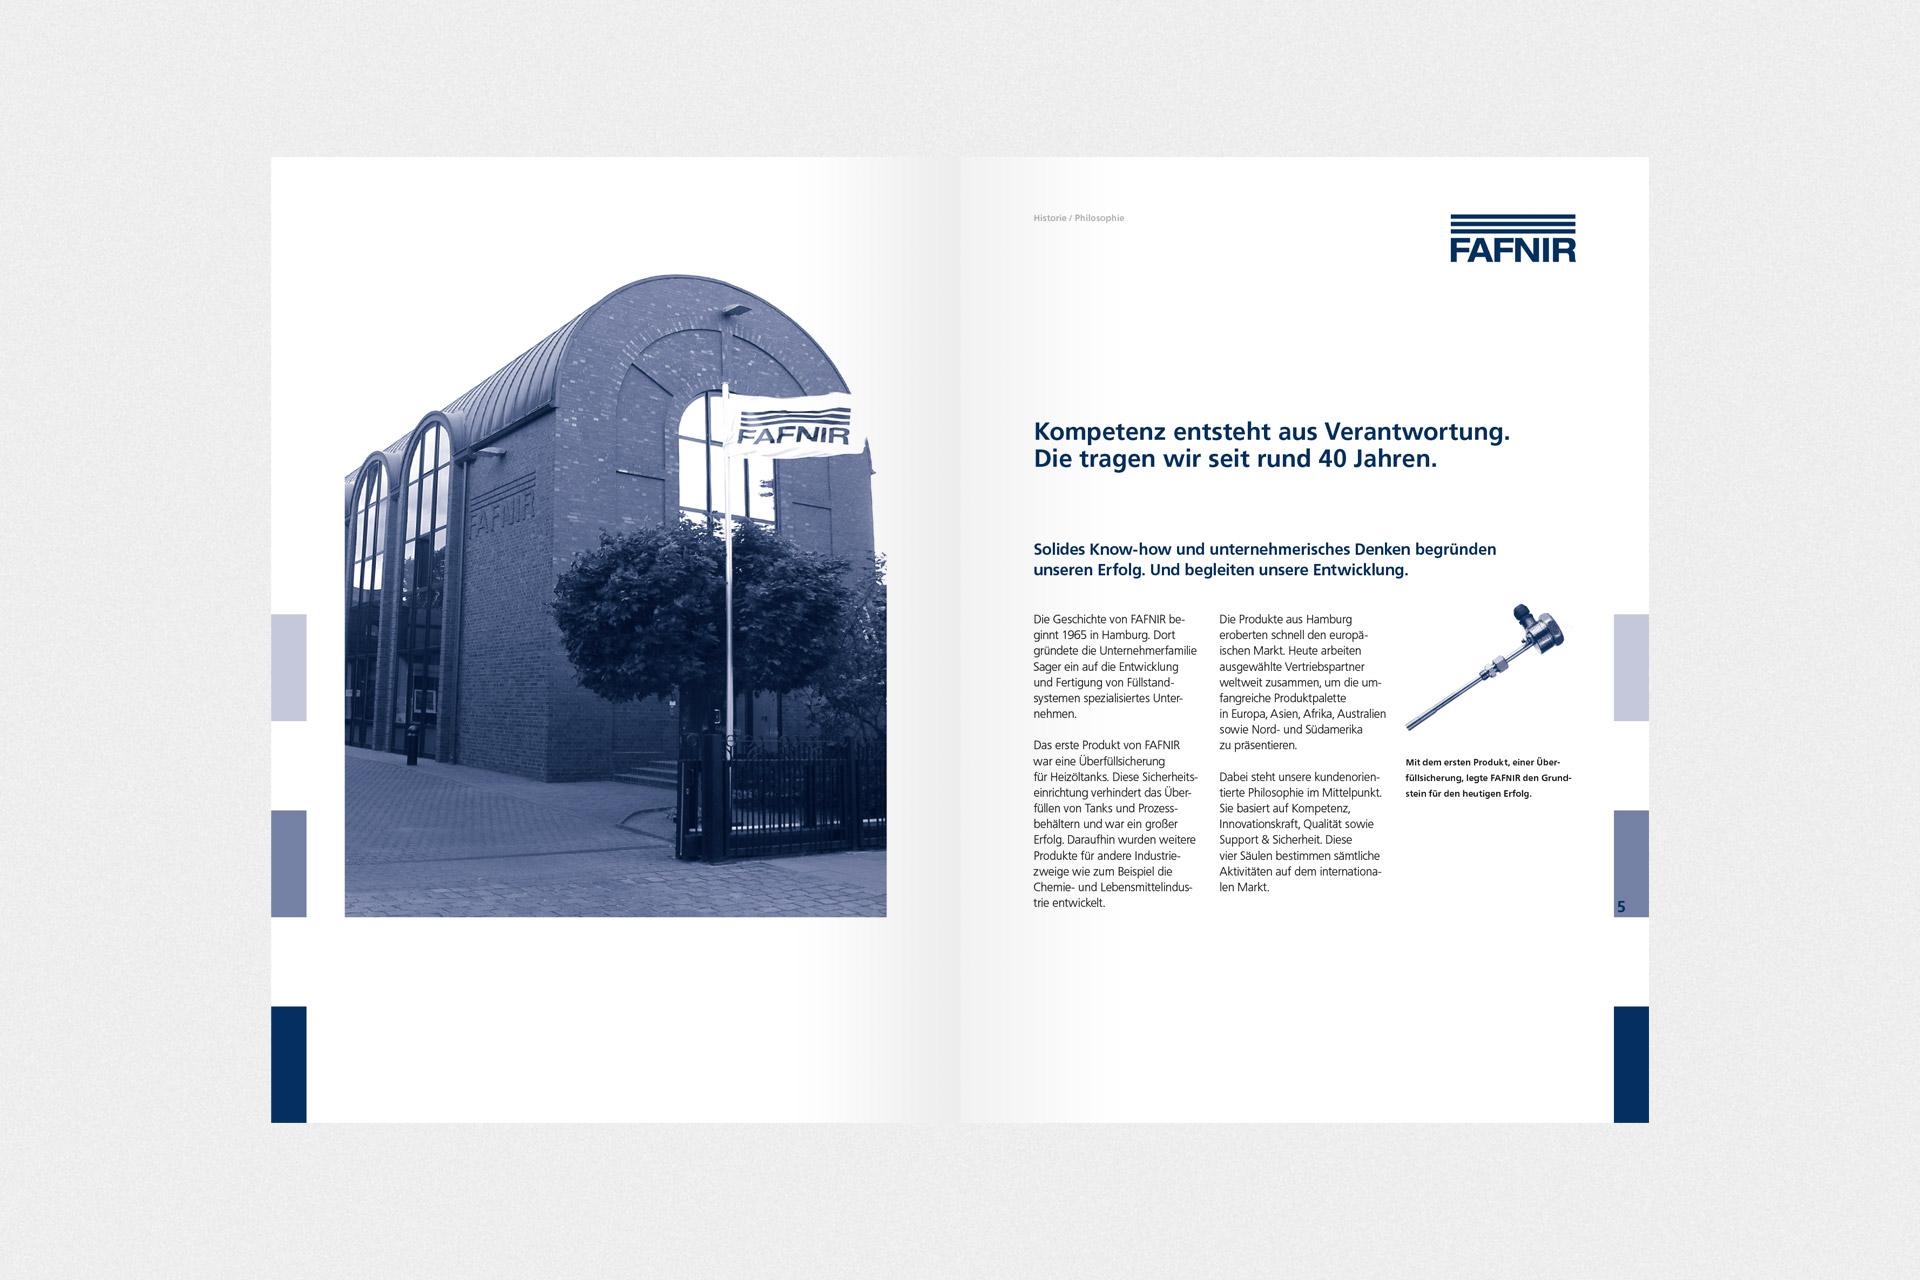 Corporate Design für FAFNIR, Beispiel Broschürendesign